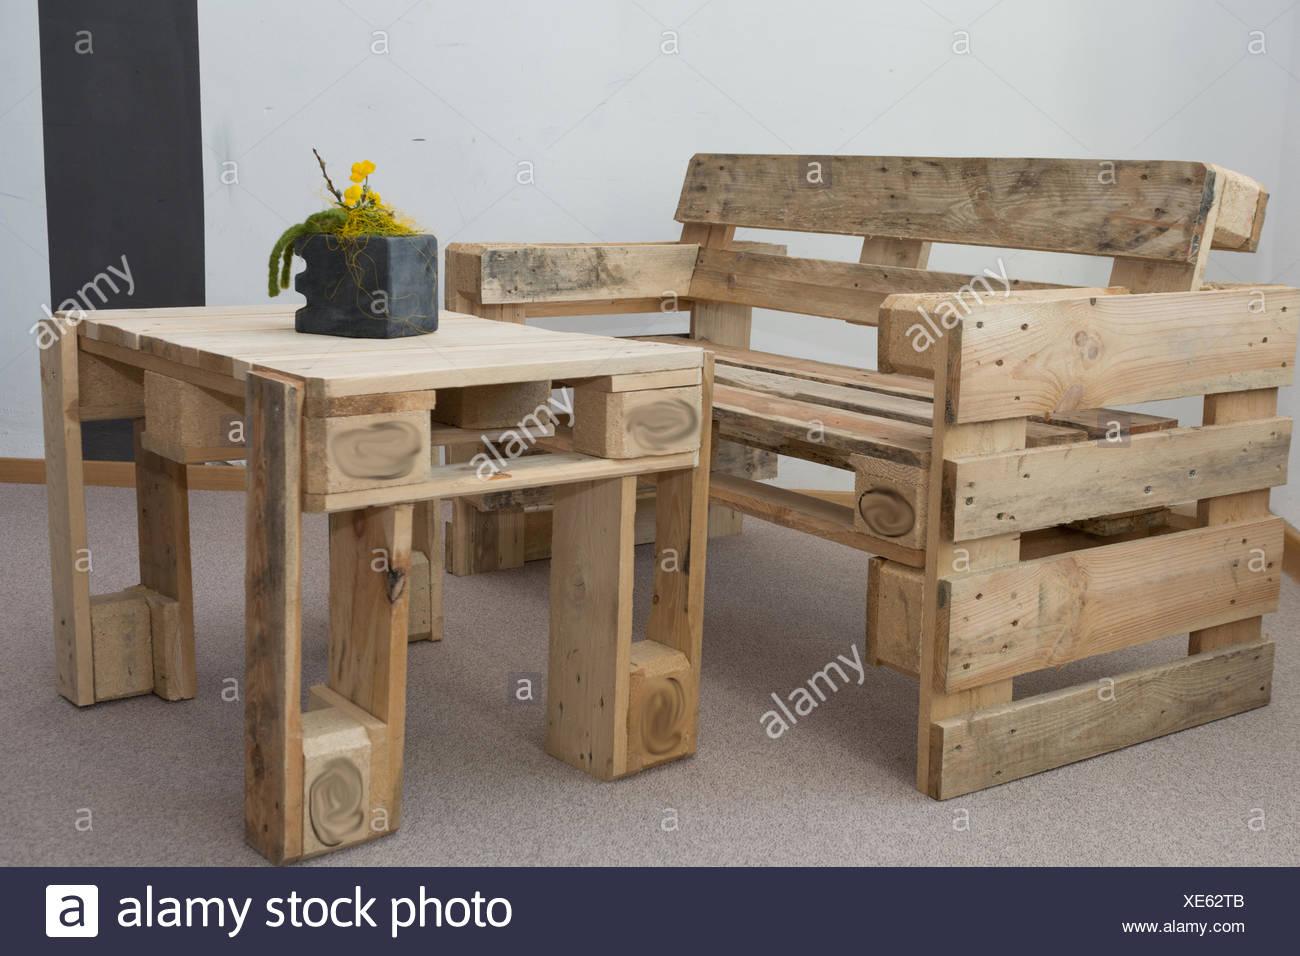 upcycling möbel aus paletten stockfoto, bild: 284105035 - alamy